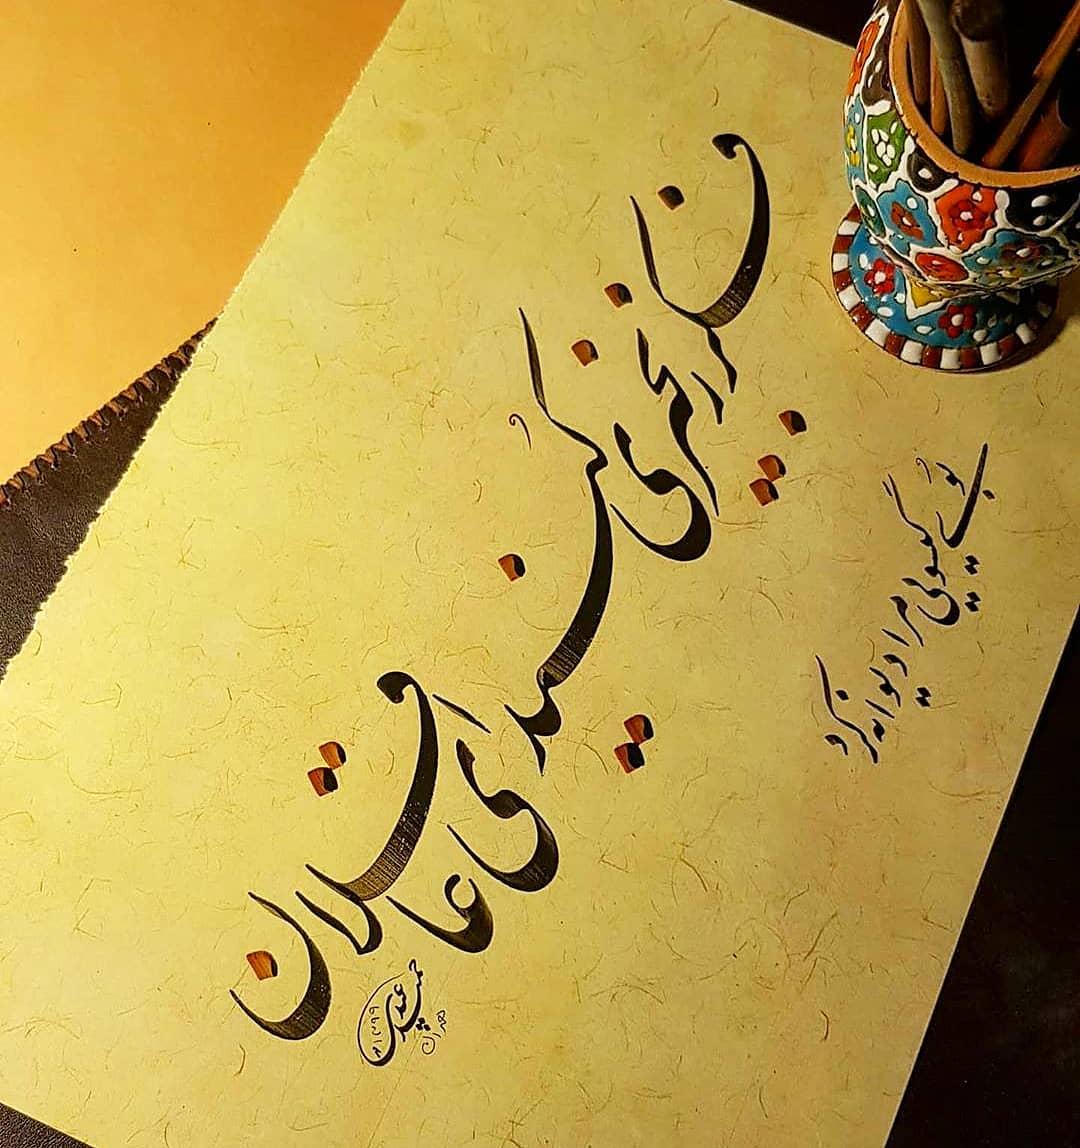 Farisi/Nasta'liq khatestan  ﷽ فکر زنجیری کنید ای عاقلان بوی گیسویی مرا دیوانه کرد . #خطستان  @khatestan #خط… 859